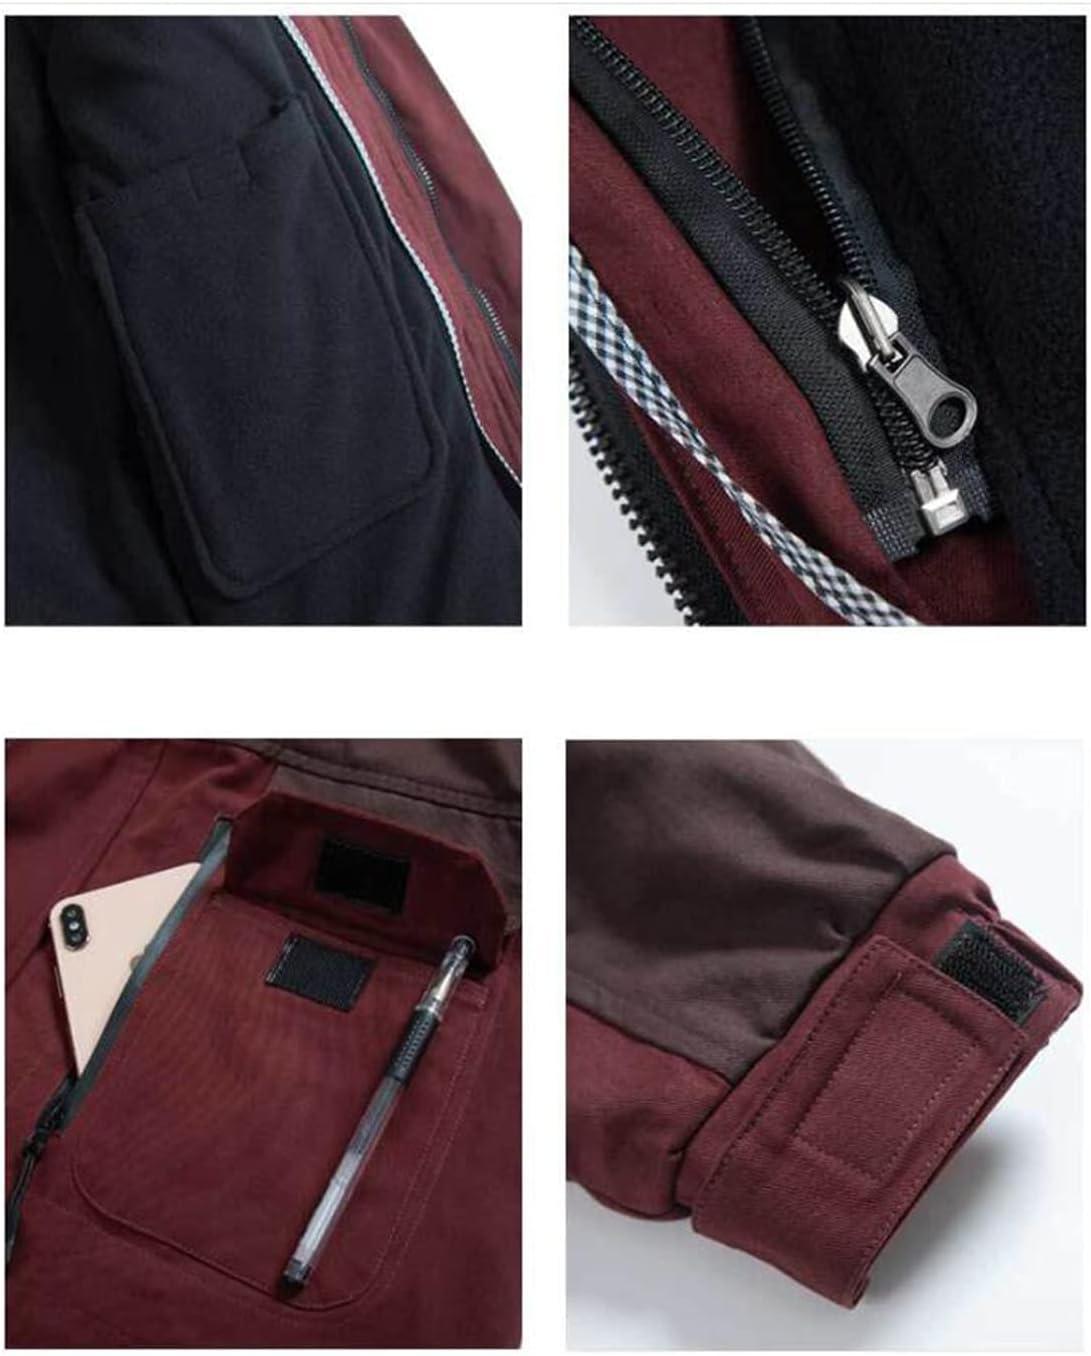 Winter Warm Jacket Long Sleeve Hooded Workwear with Fleece Lining Used in Industry Welder Workshop